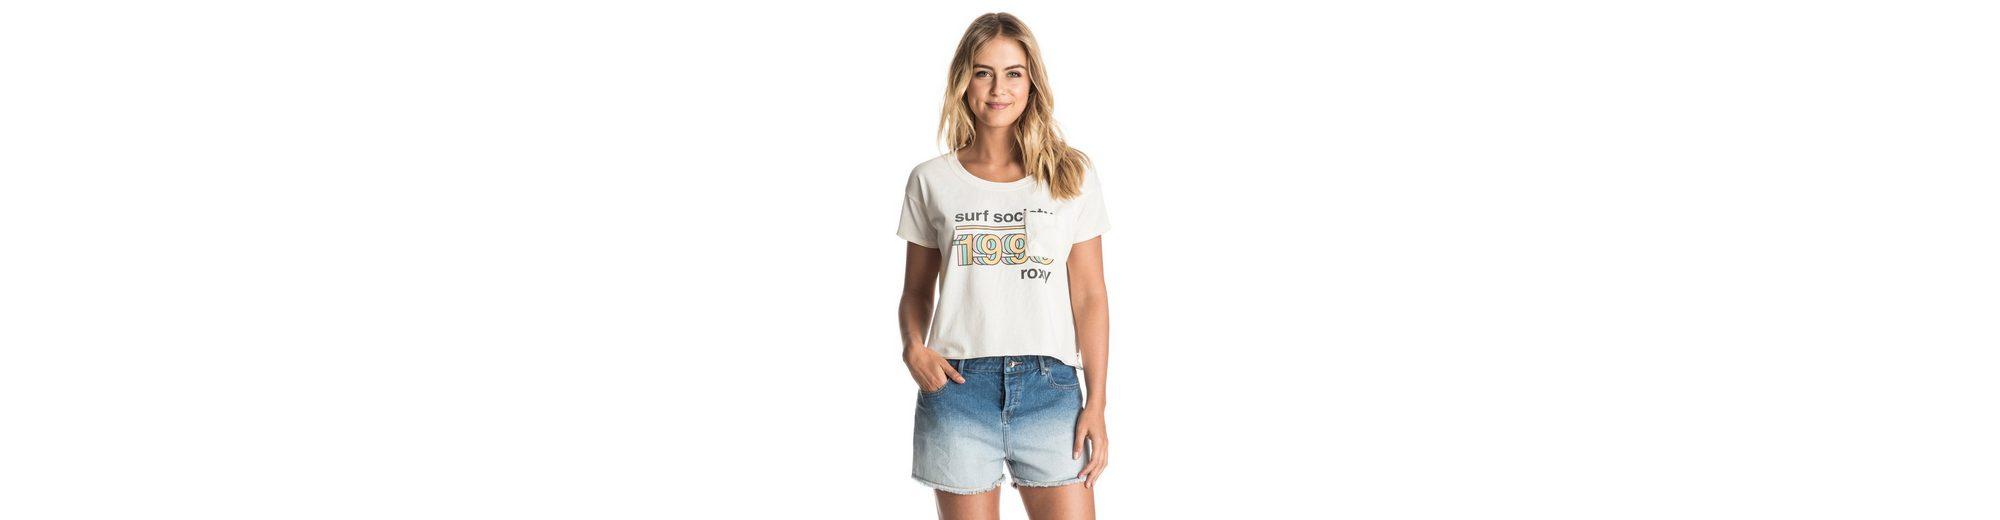 Roxy Cropped T-Shirt Baby Tacos Surf Society - Cropped T-Shirt Rabatt Sehr Billig Wirklich Online-Verkauf Preise Im Netz Große Auswahl An Günstigem Preis Billig Verkauf Geschäft m21jp